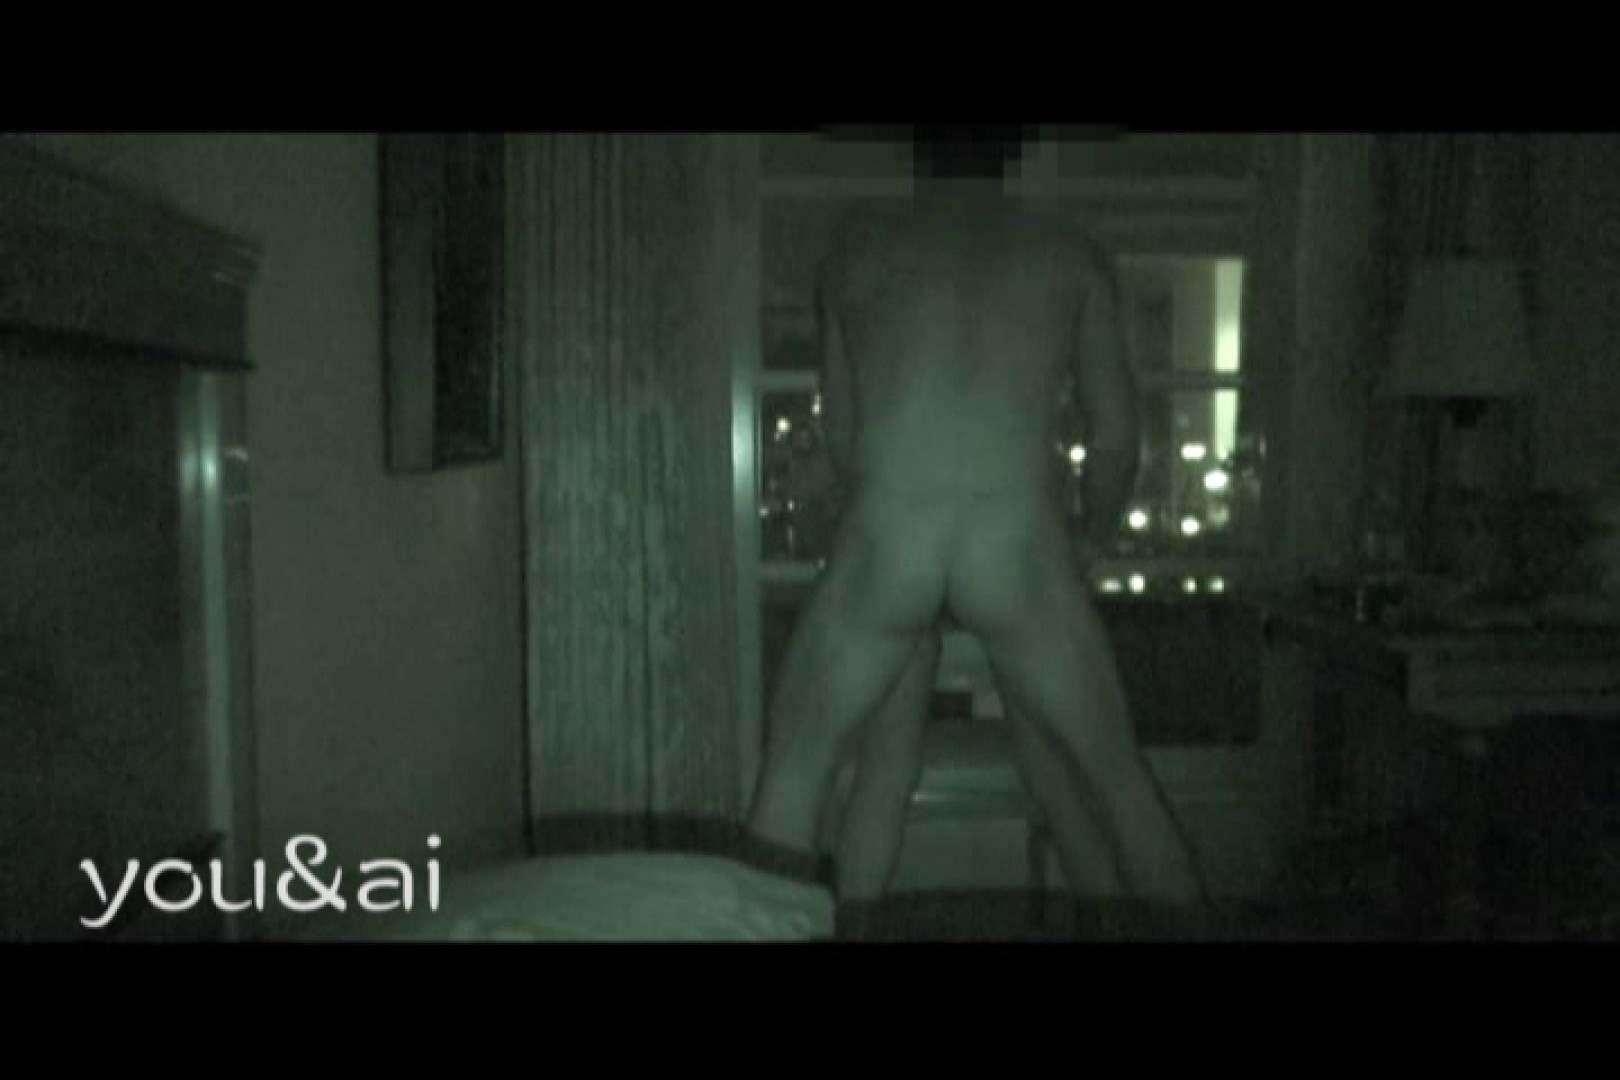 おしどり夫婦のyou&aiさん投稿作品vol.10 投稿映像 | ホテル  79pic 49